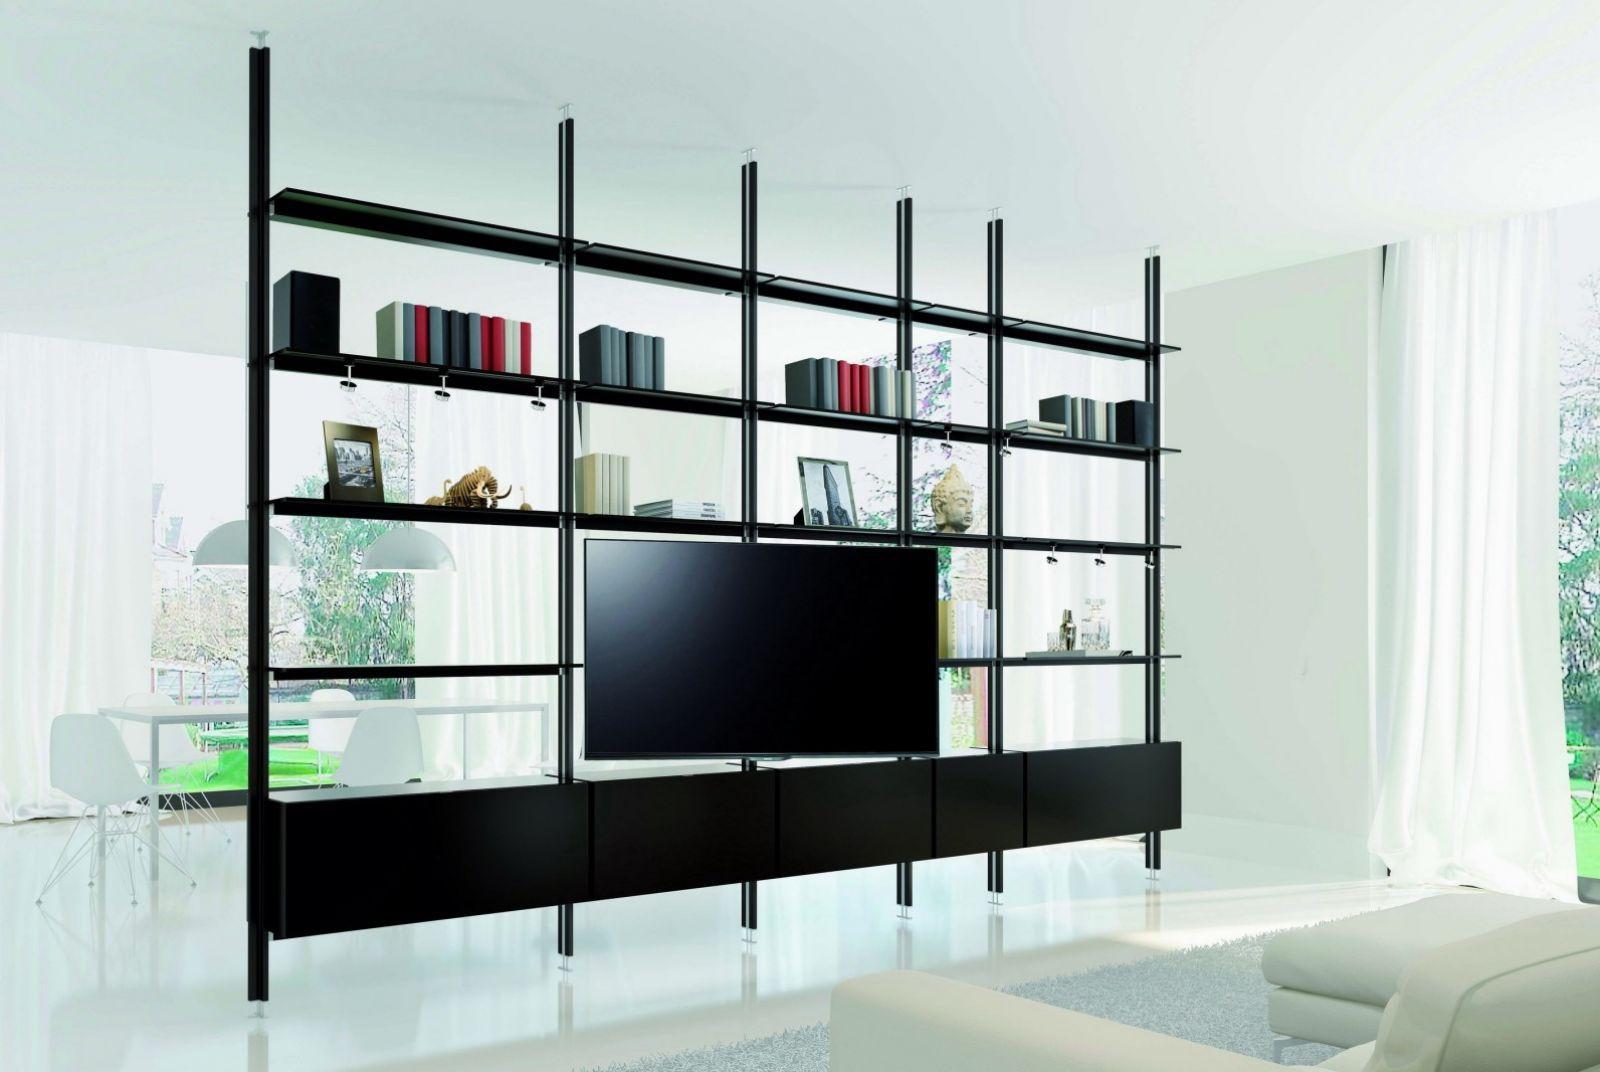 Schön Regalsystem Mit Individuelle Regalböden Von Yomei Möbel Regale   Wohnzimmer  Regalsystem